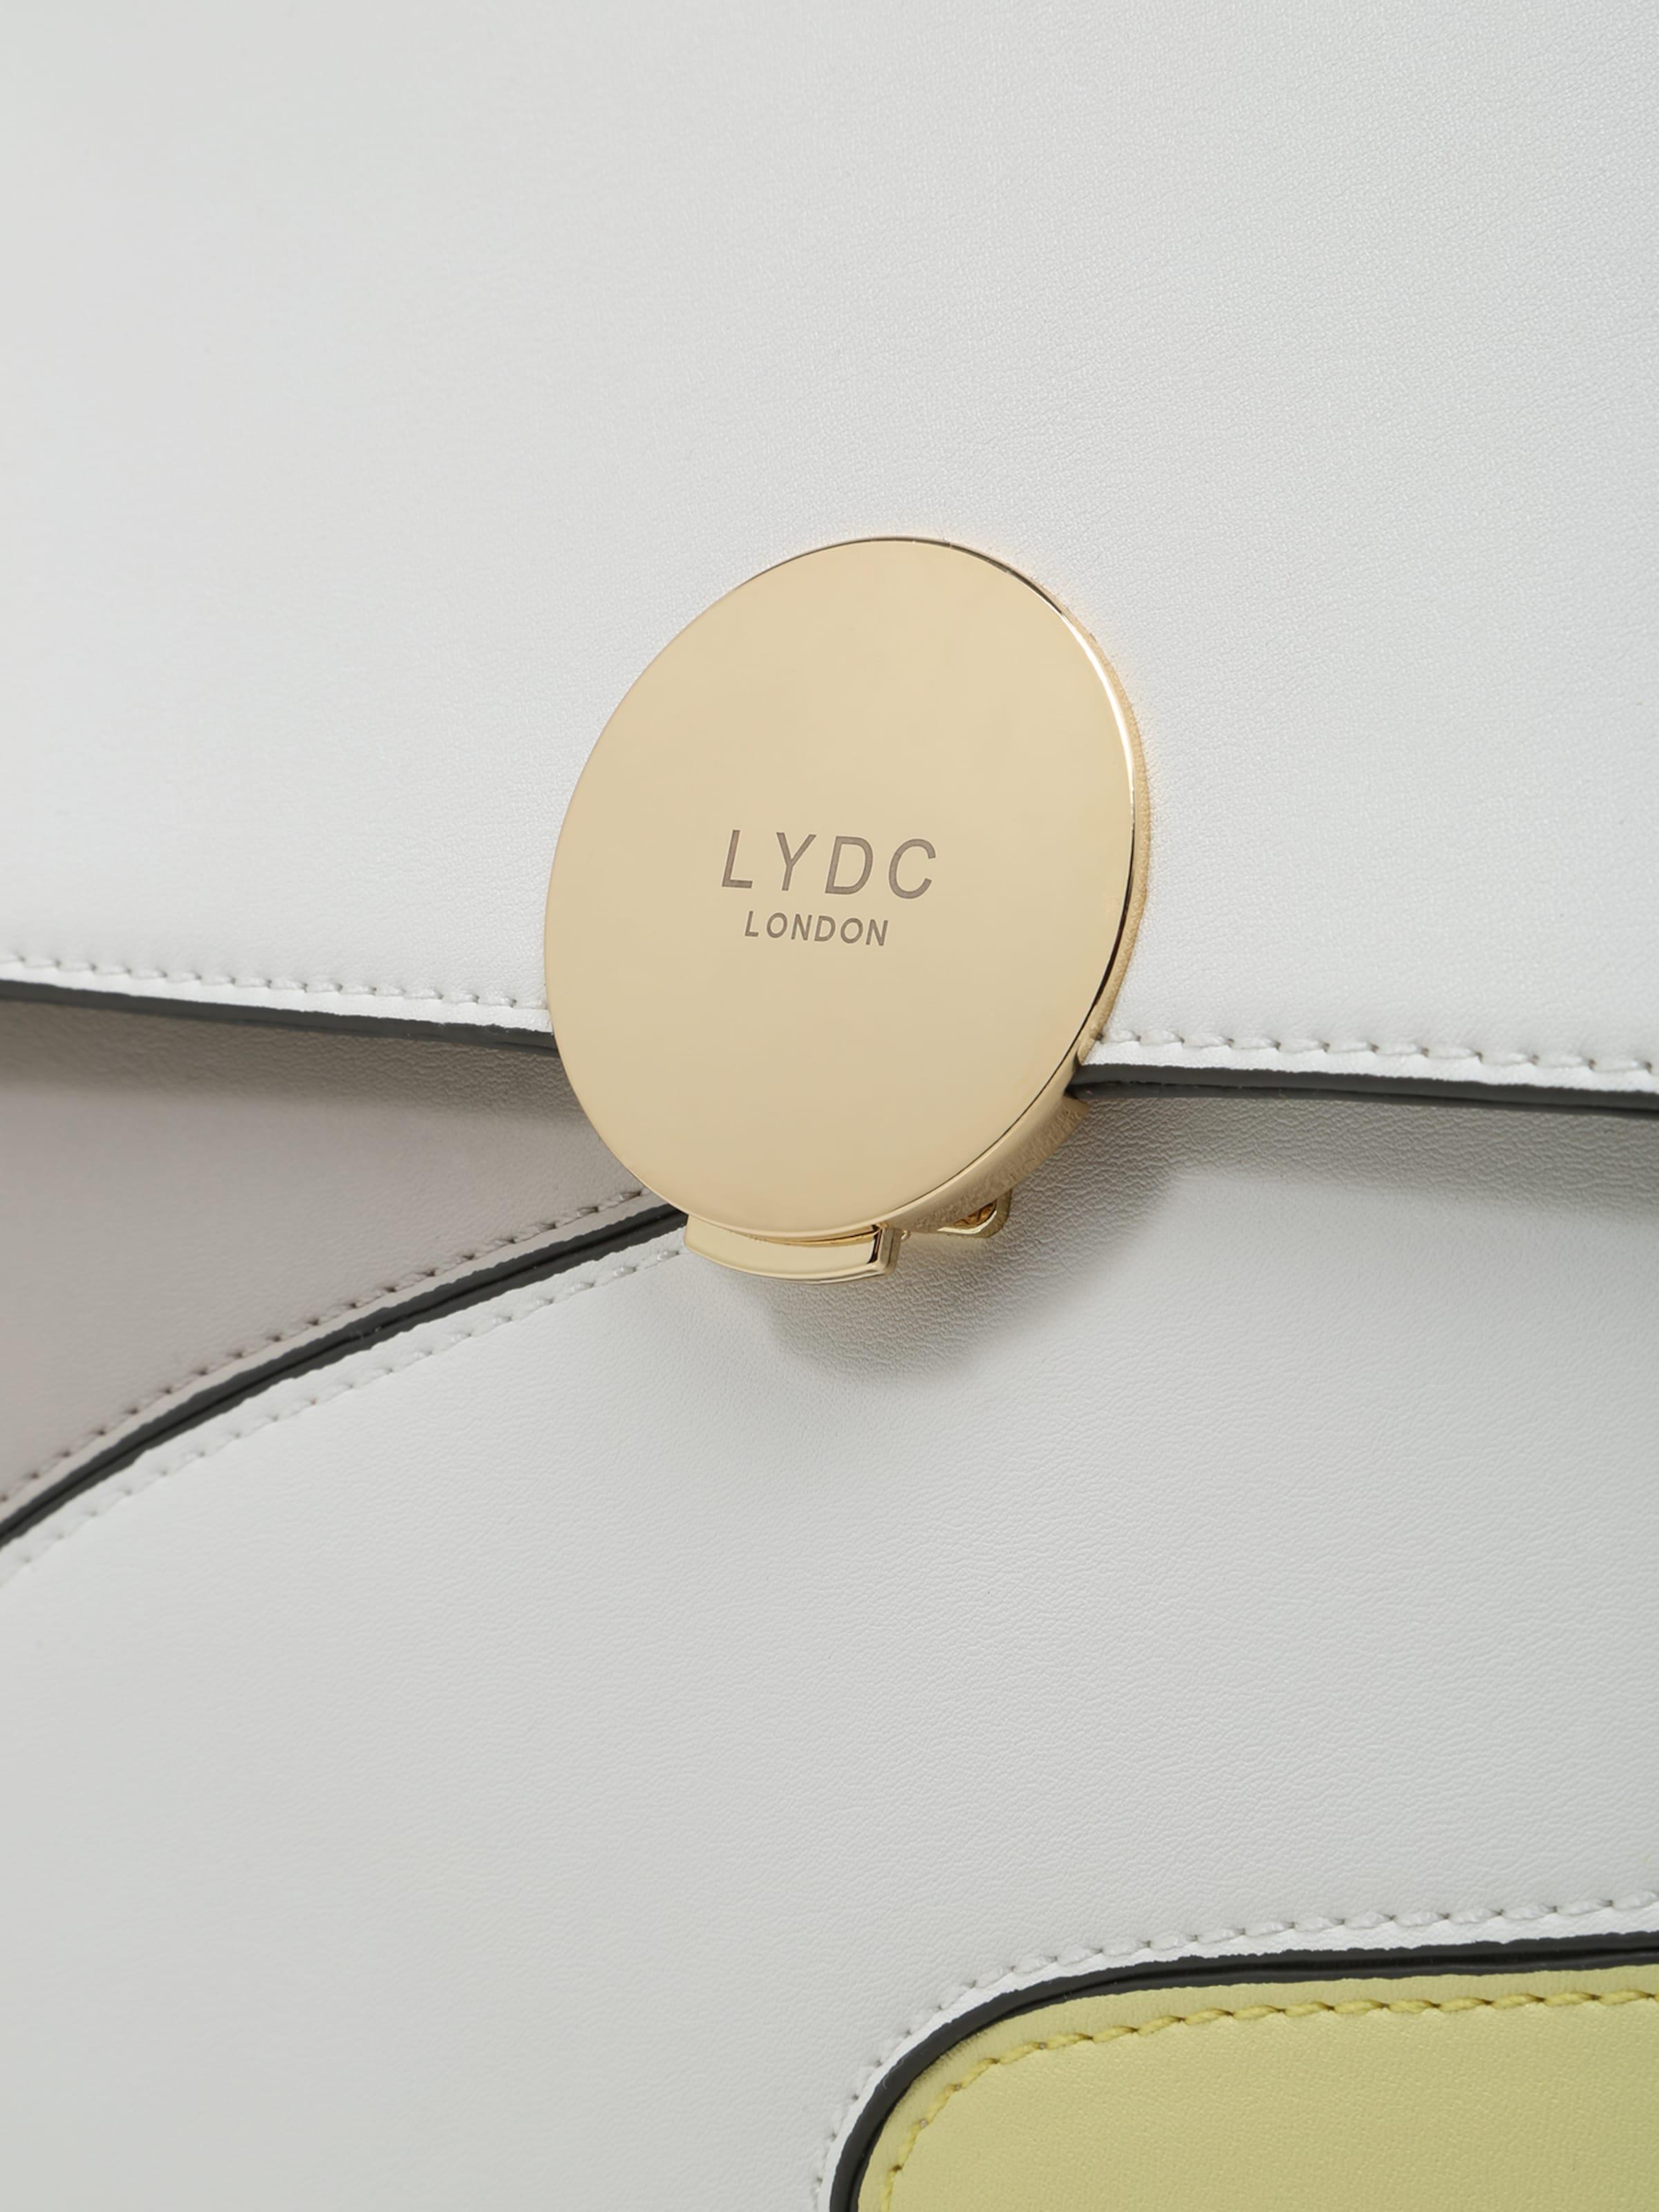 Günstige Online LYDC London Schultertasche mit Metallveschluss Anzuzeigen Günstigen Preis Freies Verschiffen Verkauf Online Online Zum Verkauf Zum Verkauf Preiswerten Realen cK2U8